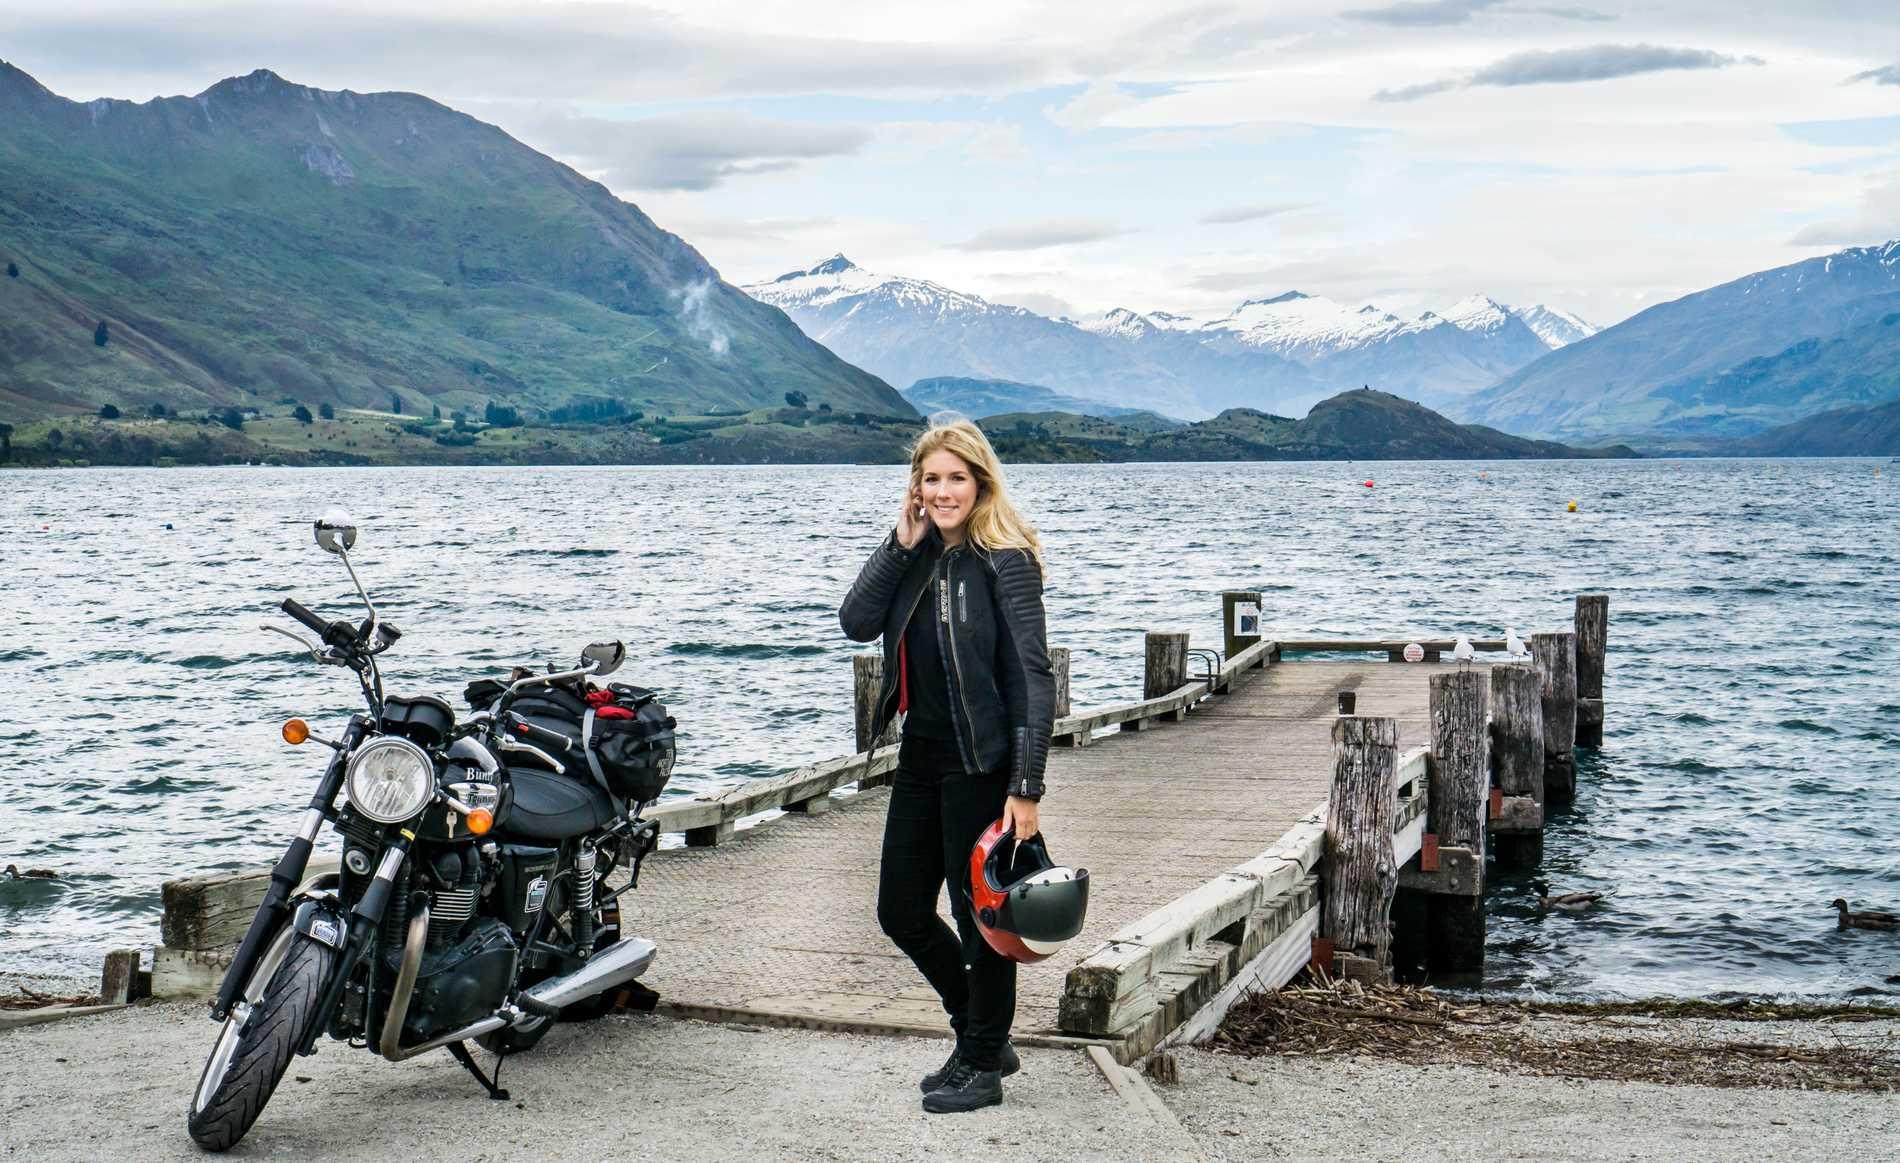 Nya Zeeland var en av få platser där Hanna Johansson hade en tidsbegränsad resa.